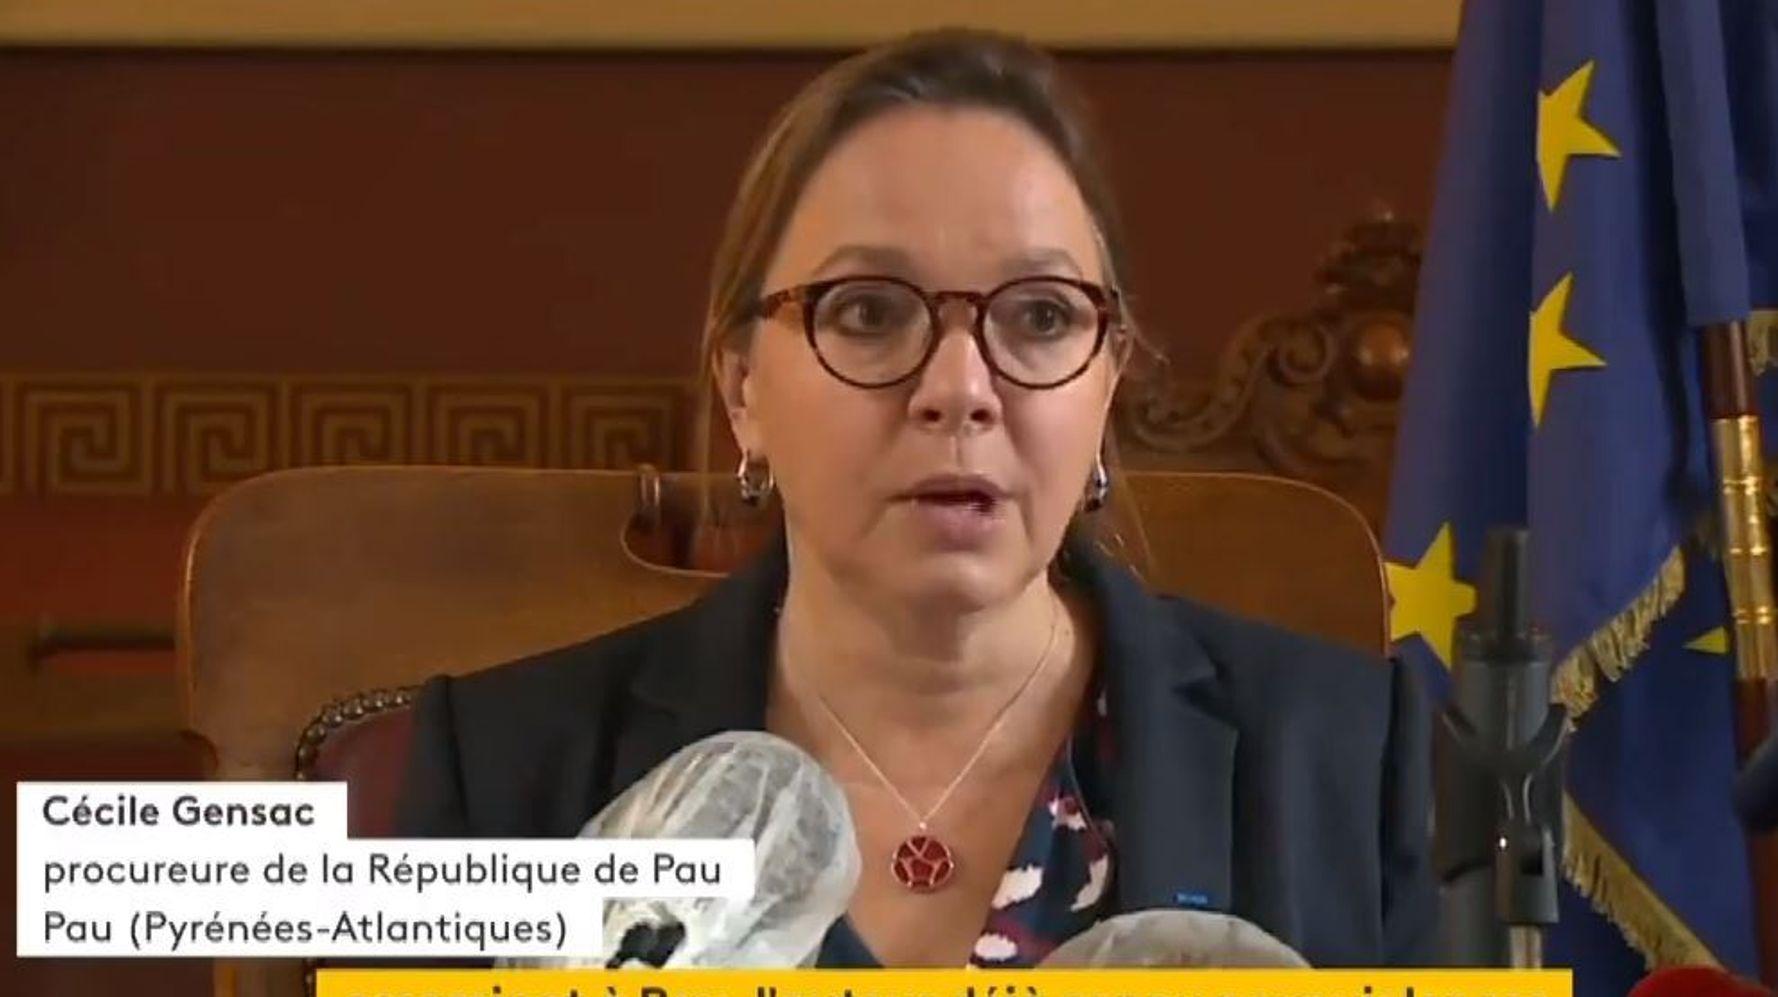 Meurtre à Pau: la piste terroriste écartée, des motifs personnels évoqués